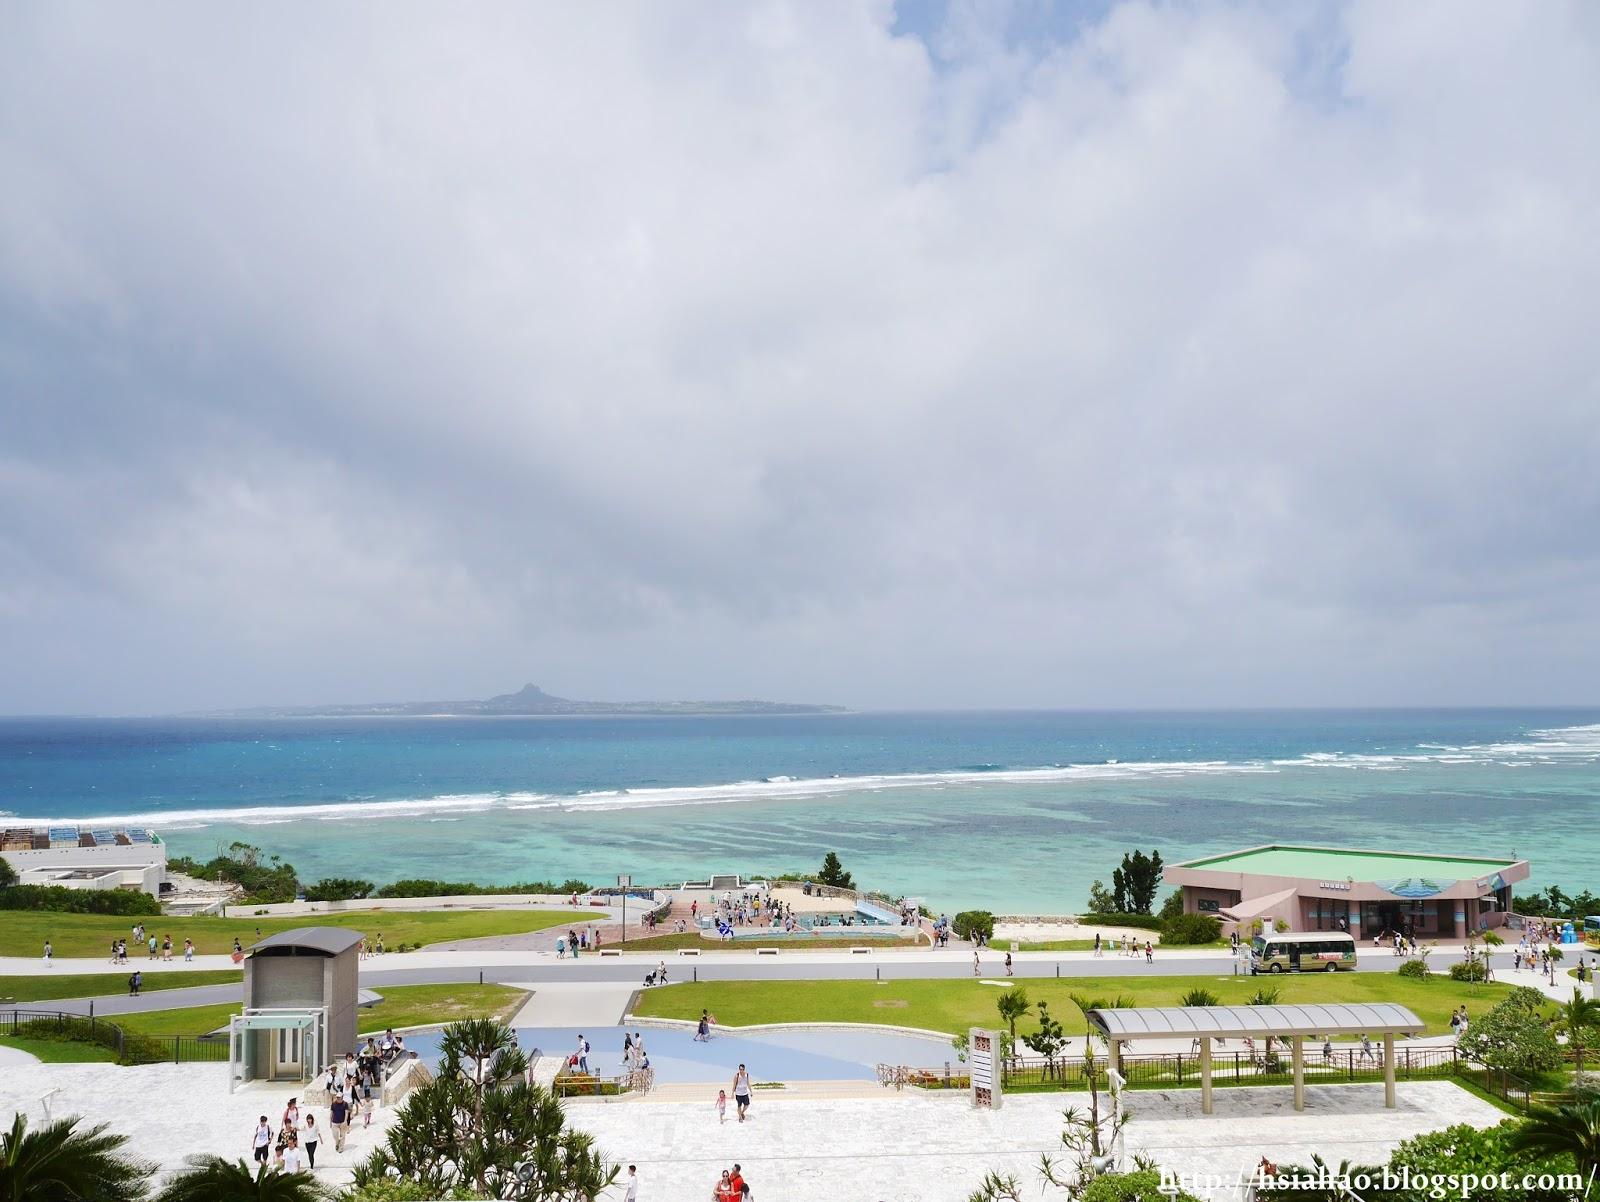 沖繩-海洋博公園-美麗海水族館-觀光巴士-自由行-旅遊-Okinawa-hip-hop-bus